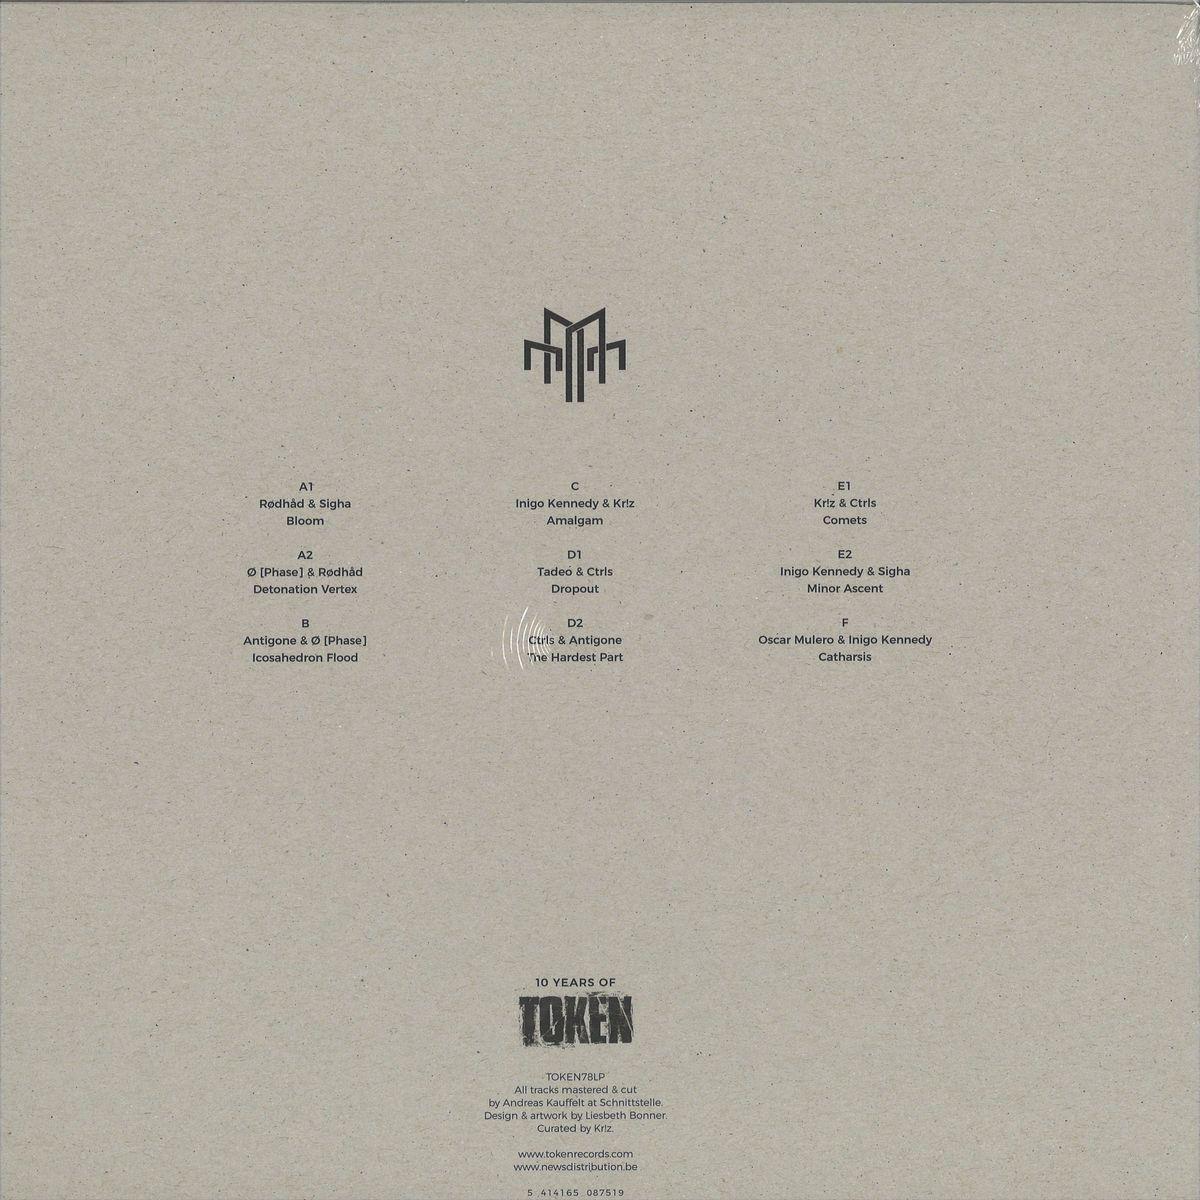 deejay de - Token Records